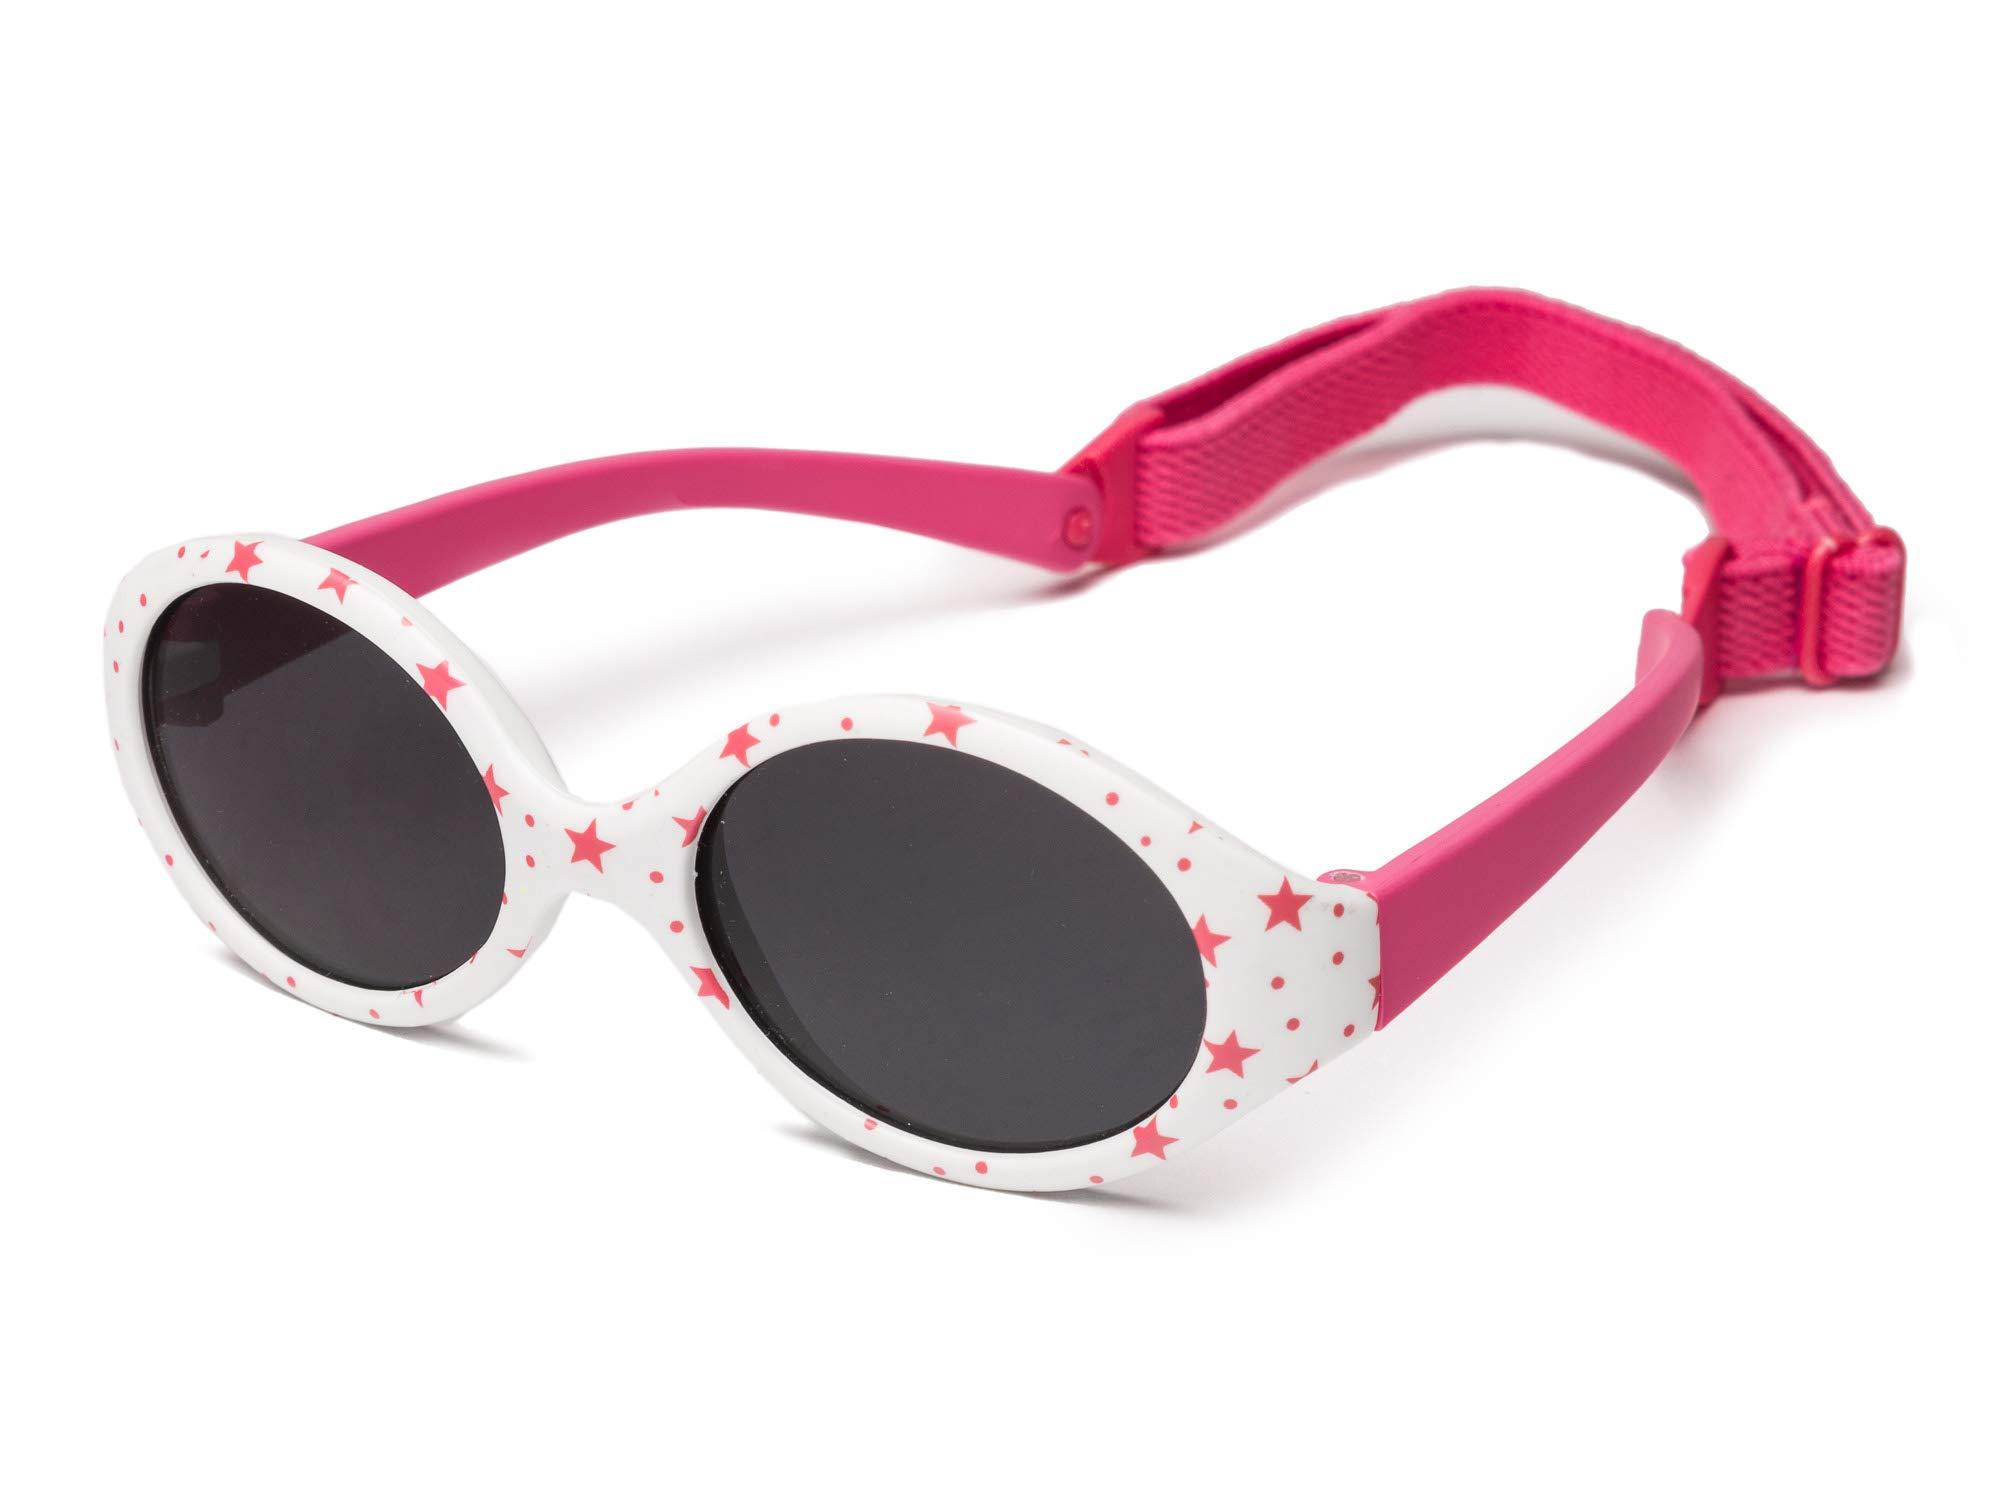 e3d604ce7 Kiddus Gafas de sol bebe para niños y niñas, TOTALMENTE FLEXIBLES, a partir  de 6 meses, 100% protección rayos UVA y UVB, seguras, confortables y muy ...